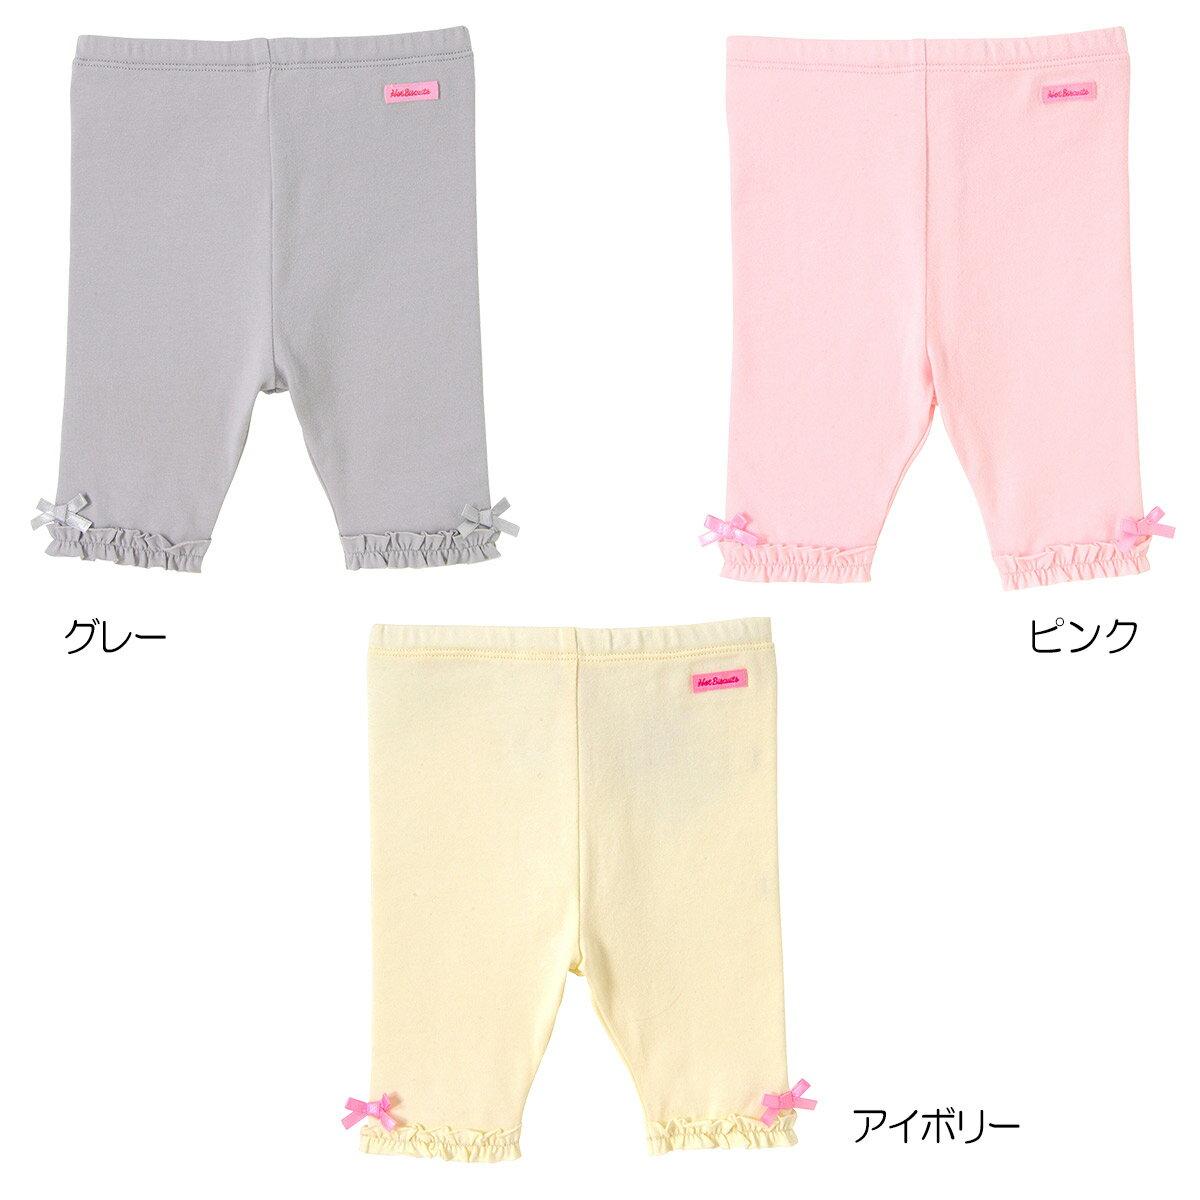 ミキハウス ホットビスケッツ mikihouse 裾フリルつきレギンス風6分丈パンツ(80cm・90cm)